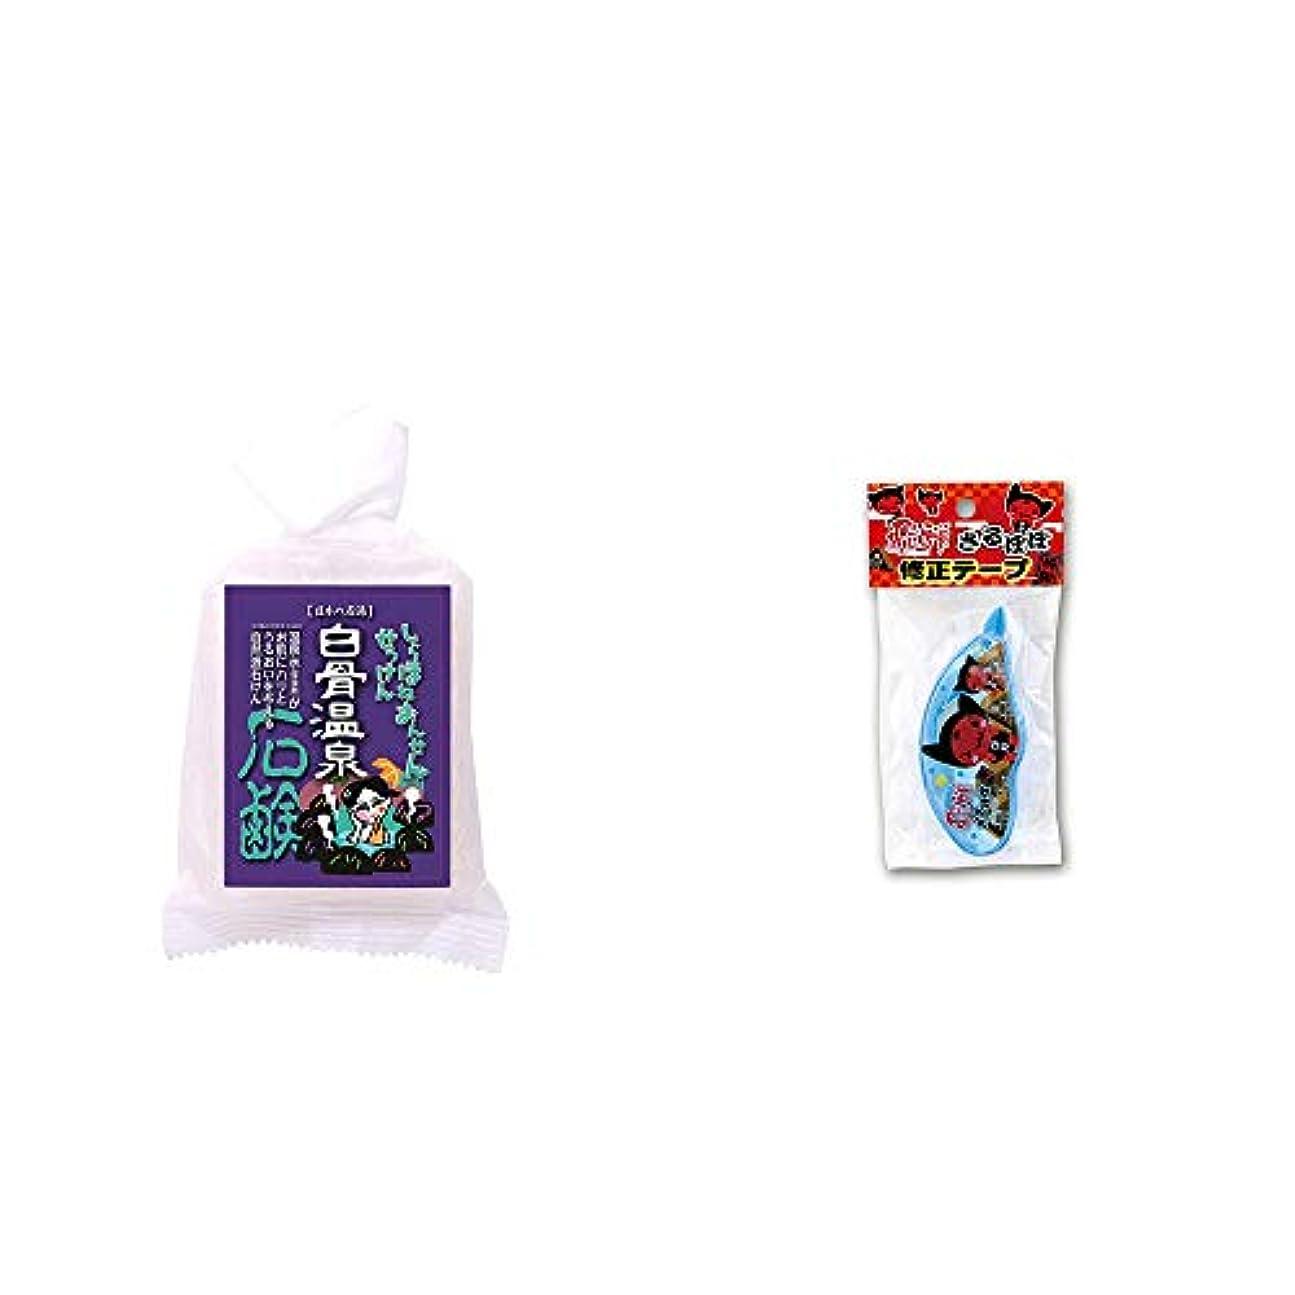 集める雑品無力[2点セット] 信州 白骨温泉石鹸(80g)?さるぼぼ 修正テープ【ピンク】